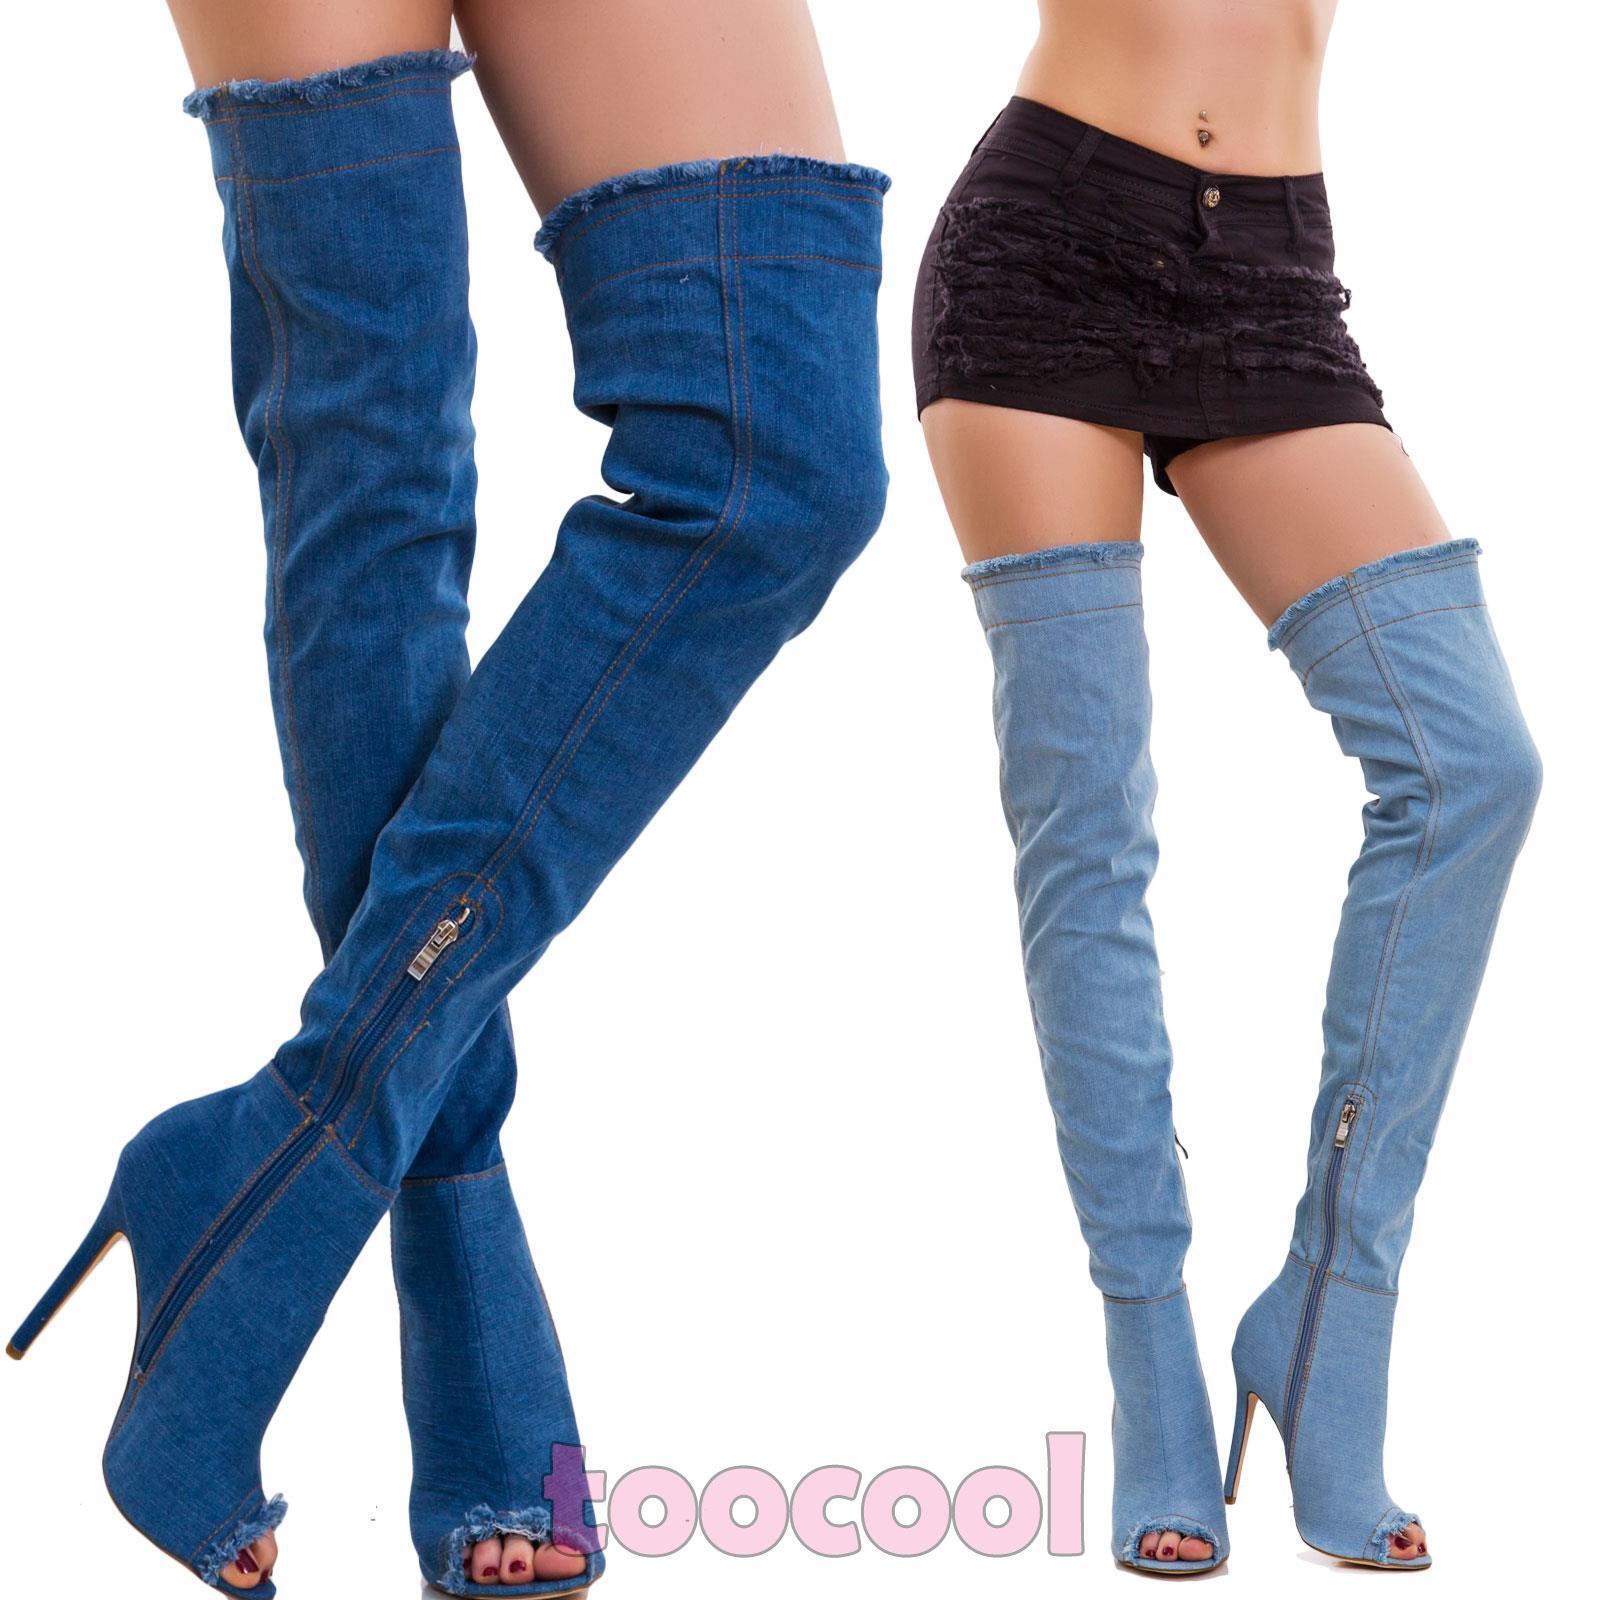 Frauenschuhe Stiefel Denim Jeans über das Knie Hoch Oben Up Neu 52326